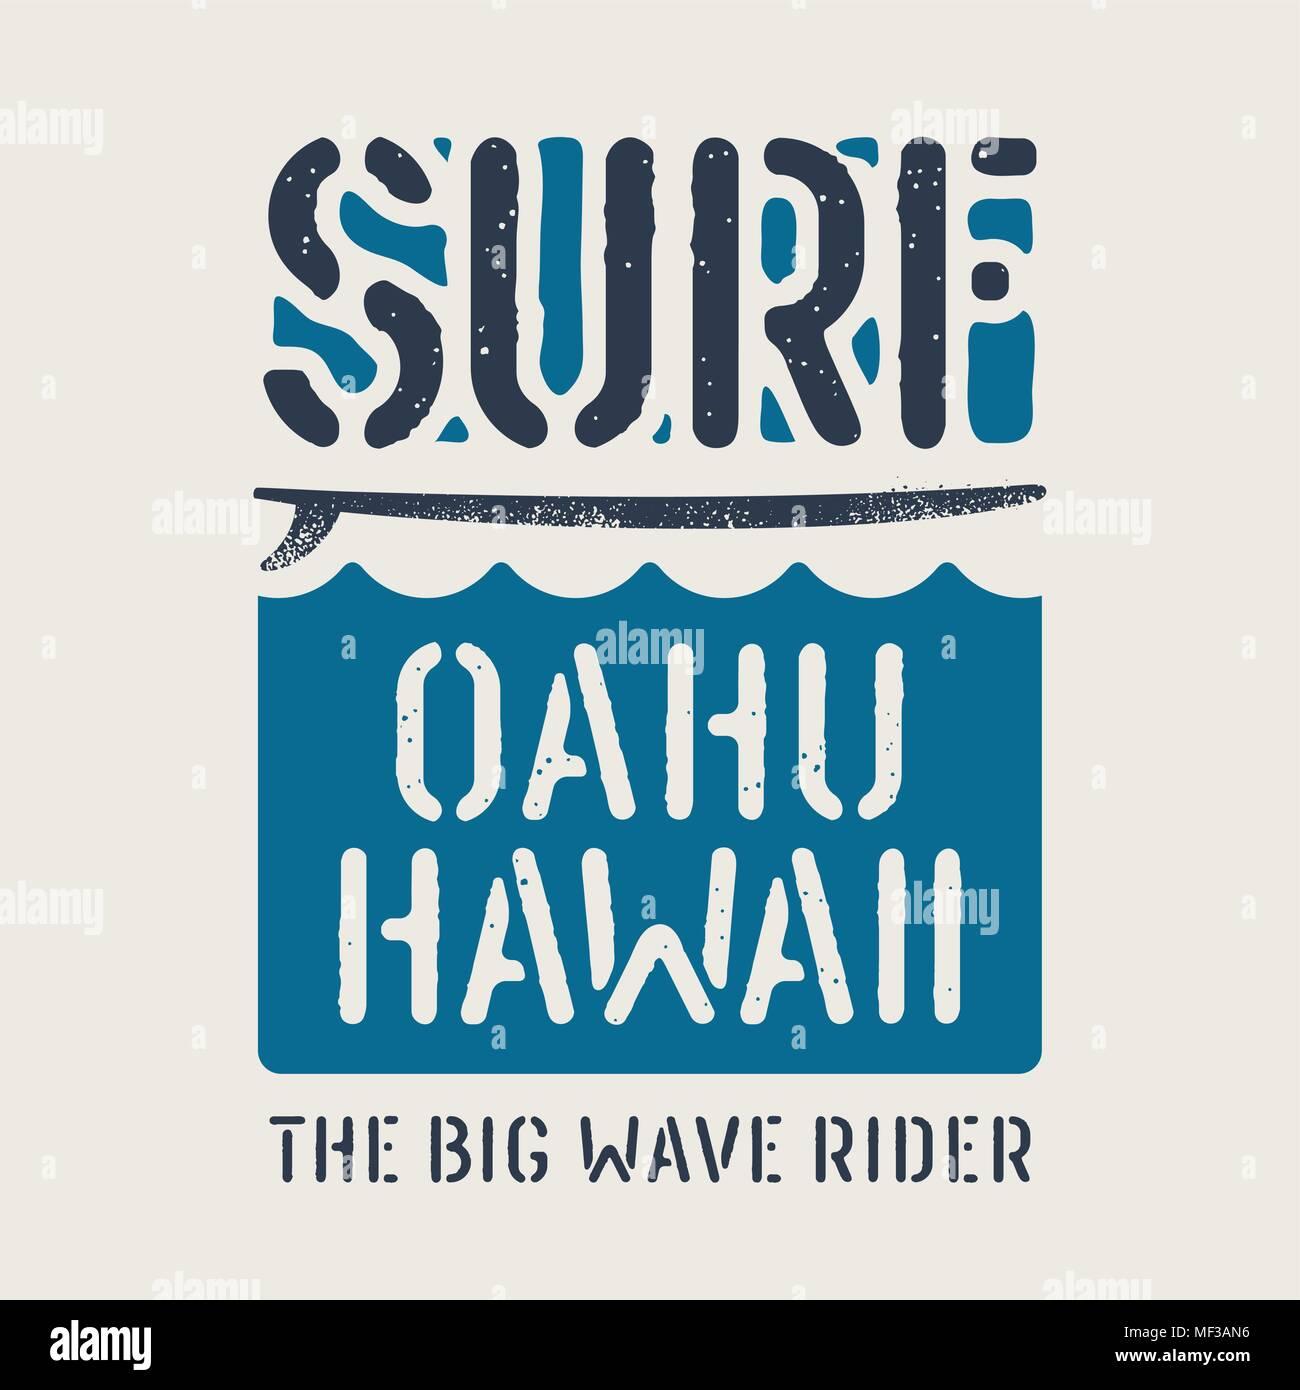 Surfing Artwork Surfing Hawaii T Shirt Design Vintage Graphic Tee